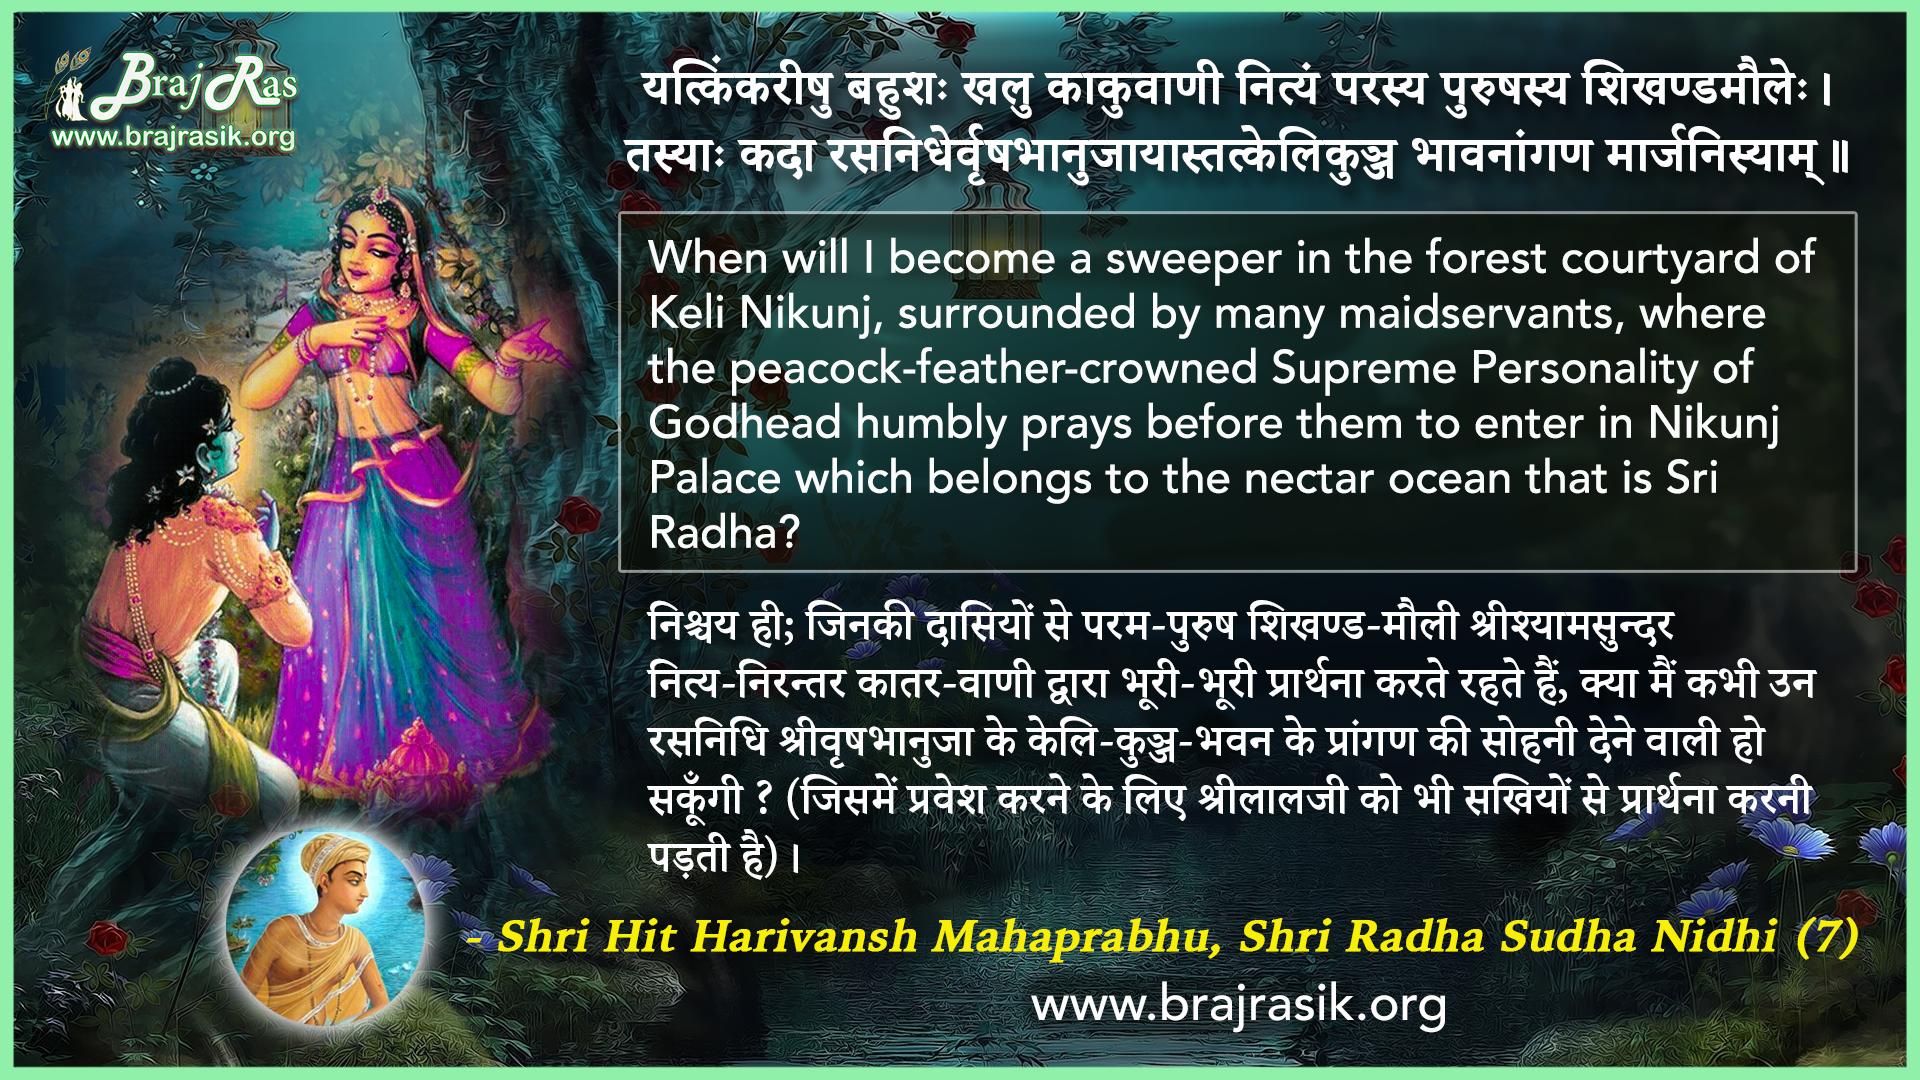 Yatkinkarishu Bahushah Khalu Kaakuvani - Shri Hit Harivansh Mahaprabhu, Shri Radha Sudha Nidhi (7)